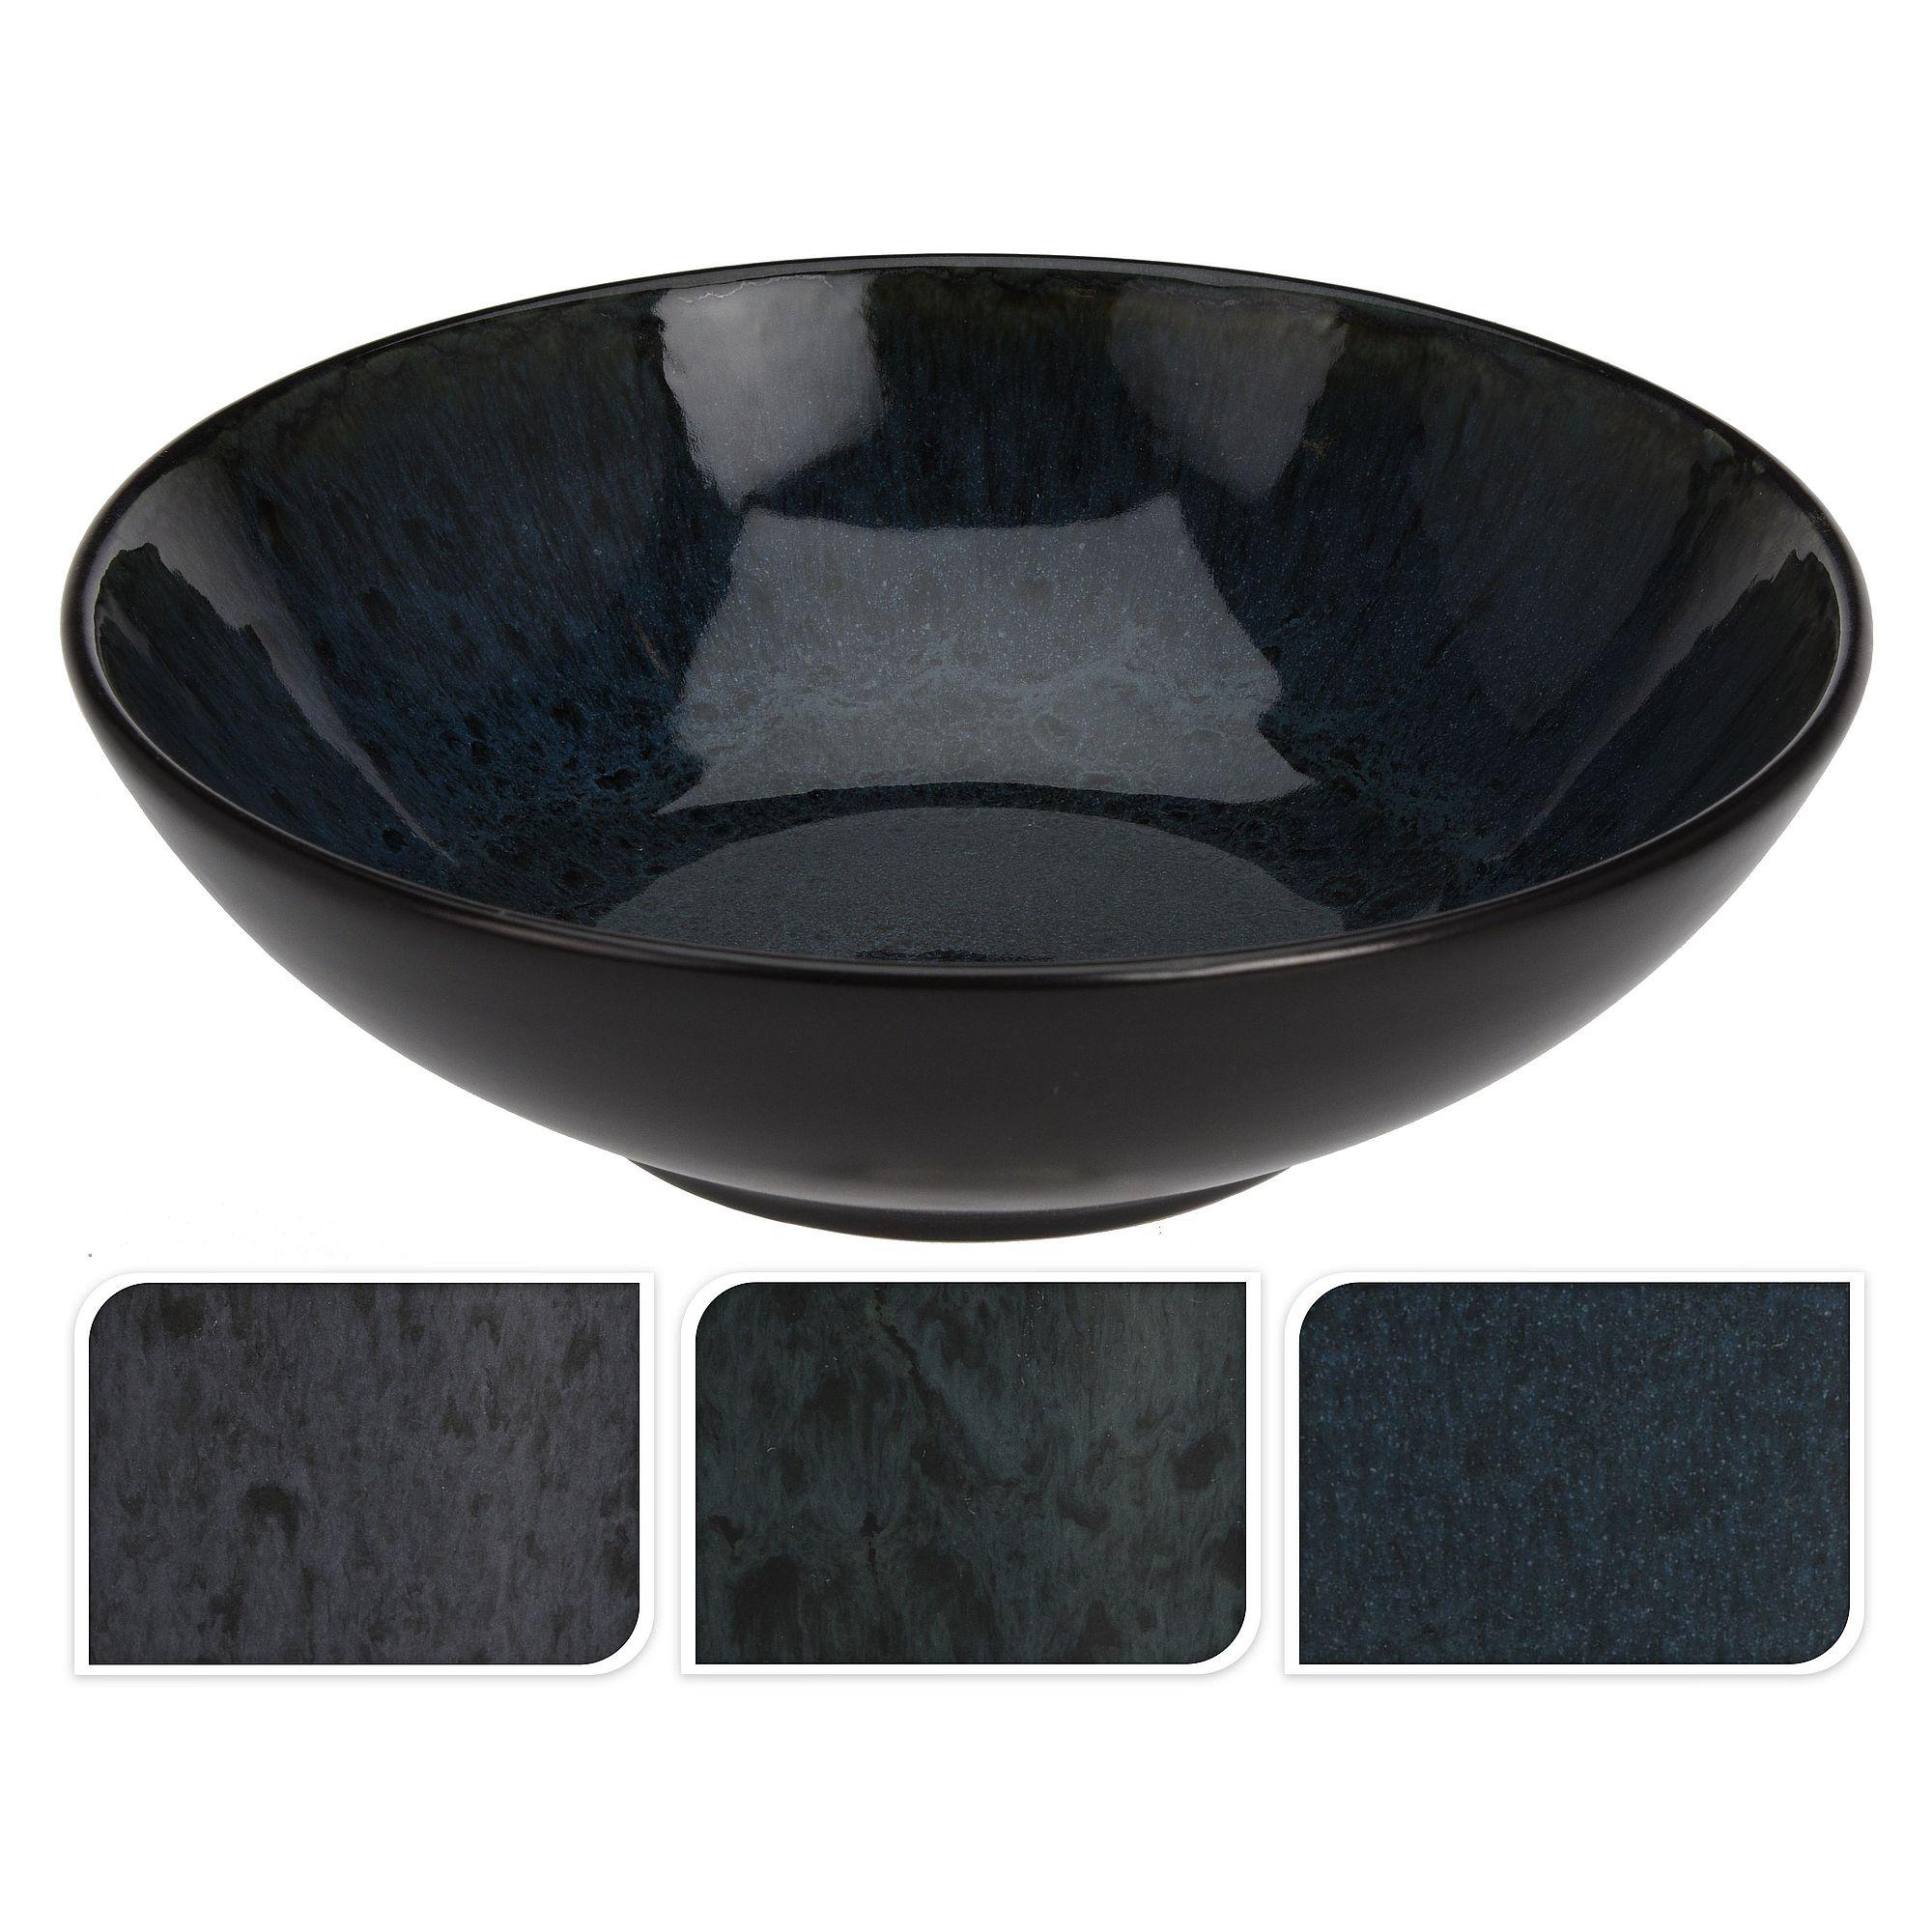 Миска 18x5,5Стильная миска Excellent Houseware – это универсальный предмет посуды, который можно использовать для различных целей. Размеры миски составляют 18x5,5 см, поэтому она прекрасно подходит для первых и вторых блюд, а также в нее можно складывать фрукты и овощи. Посуда выполнена в темном цвете, поэтому в ней будут эффектно смотреться яркие блюда. Асимметричные разводы на посуде напоминают природный материал. Миска выполнена из прочного материала, который легко моется, а также не скалывается и не трескается во время длительного использования. Благодаря своей компактности миска помещается в холодильник или в шкафчик для хранения посуды.<br>